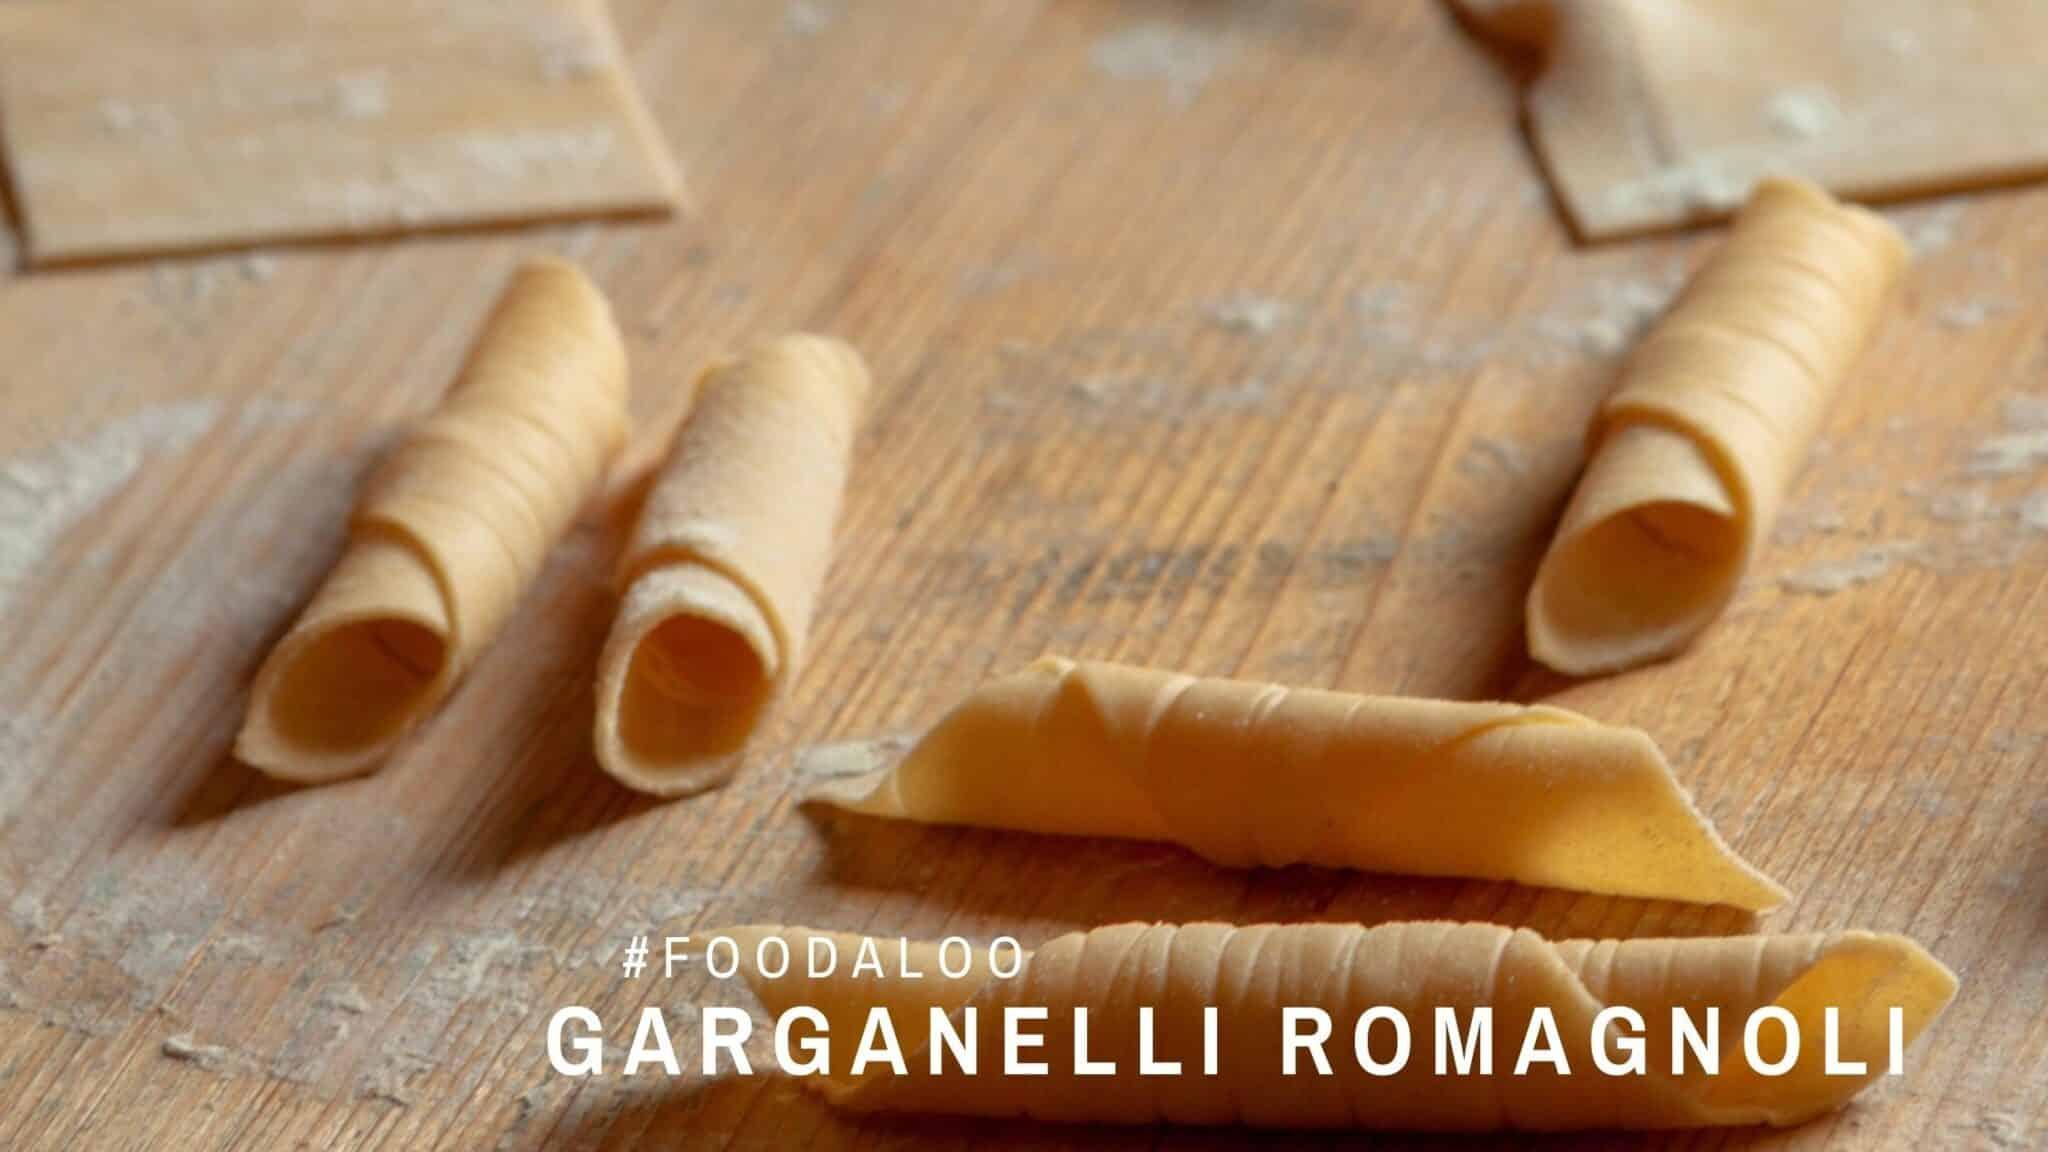 Garganelli Romagnoli, origini e leggende su questa pasta tradizionale